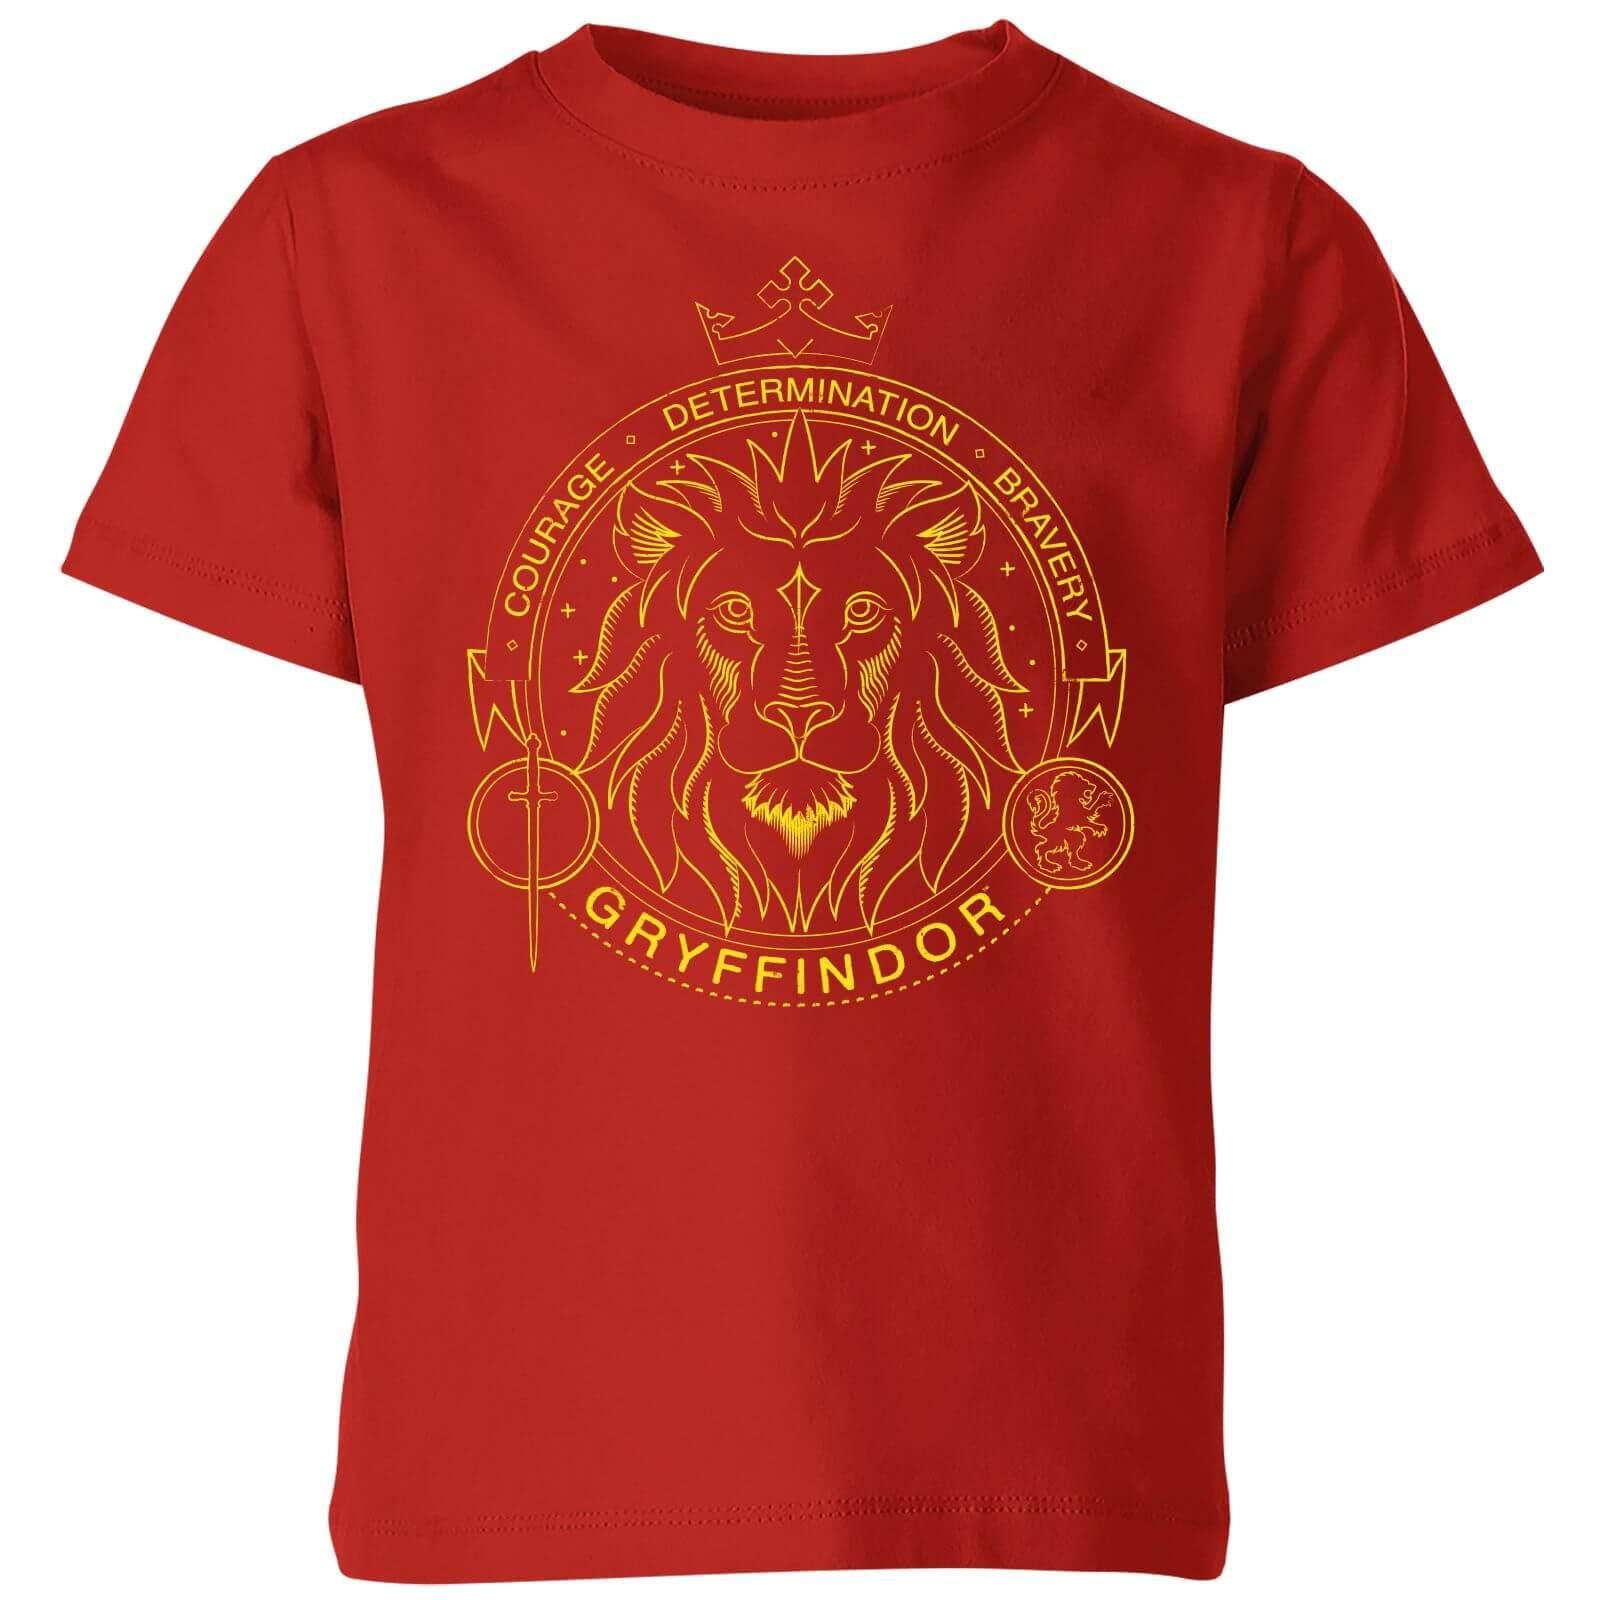 Harry Potter Gryffindor Lion Badge Kids' T-Shirt - Red - 7-8 ans - Rouge